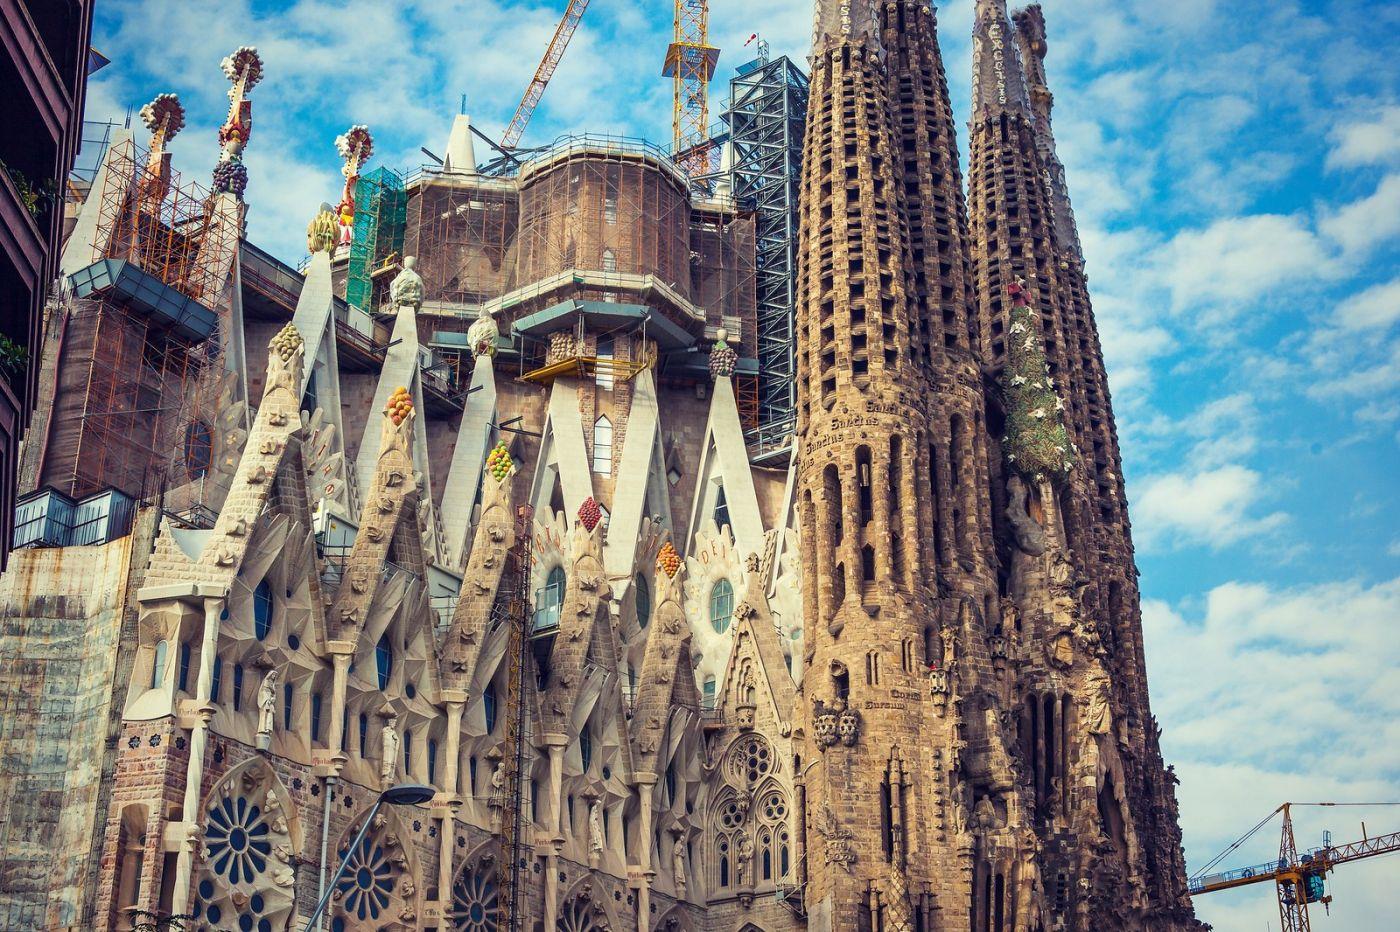 西班牙圣家堂(Sagrada Família), 上帝建筑师-高第的作品_图1-29